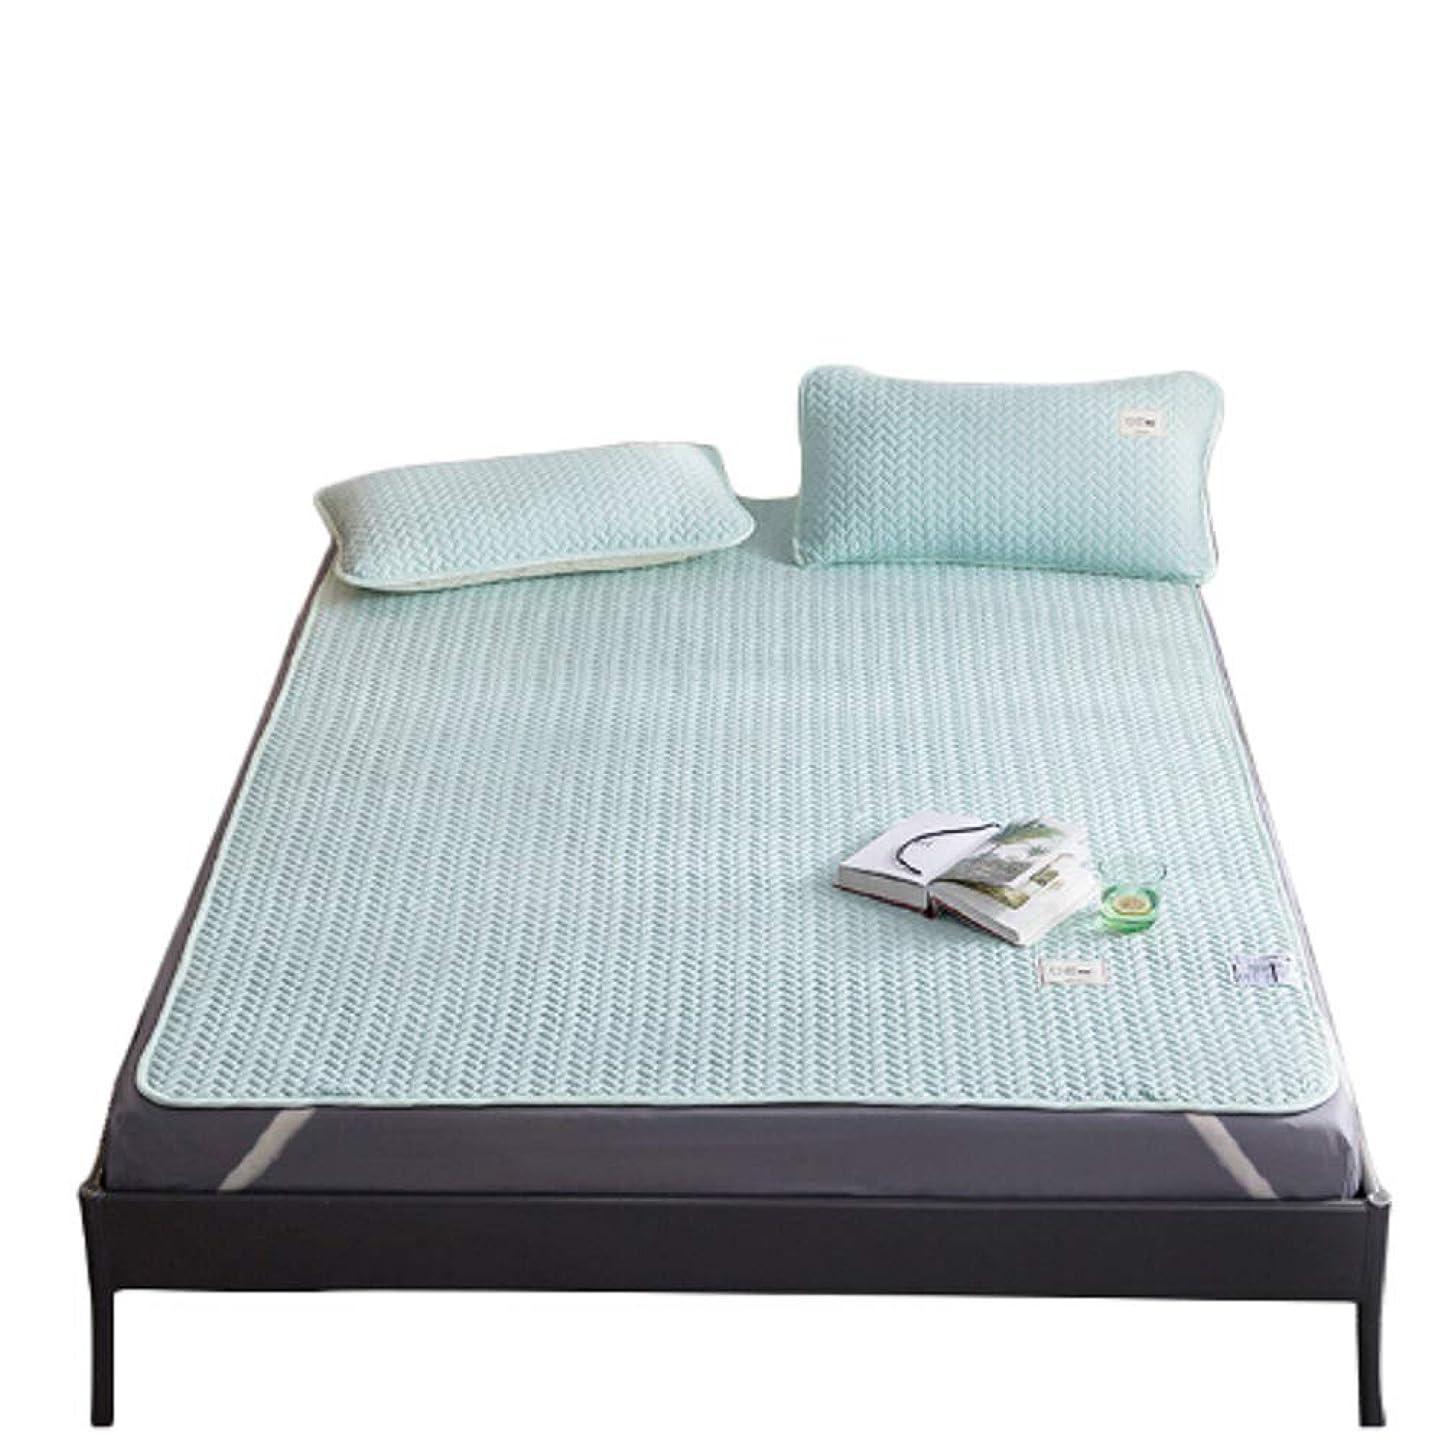 ボックス有益な混合Hanacat ひんやり寝具 シングル 2点セット 敷きパッド ベッドパッド 枕パッド 接触冷感 涼感 ライトグリーン